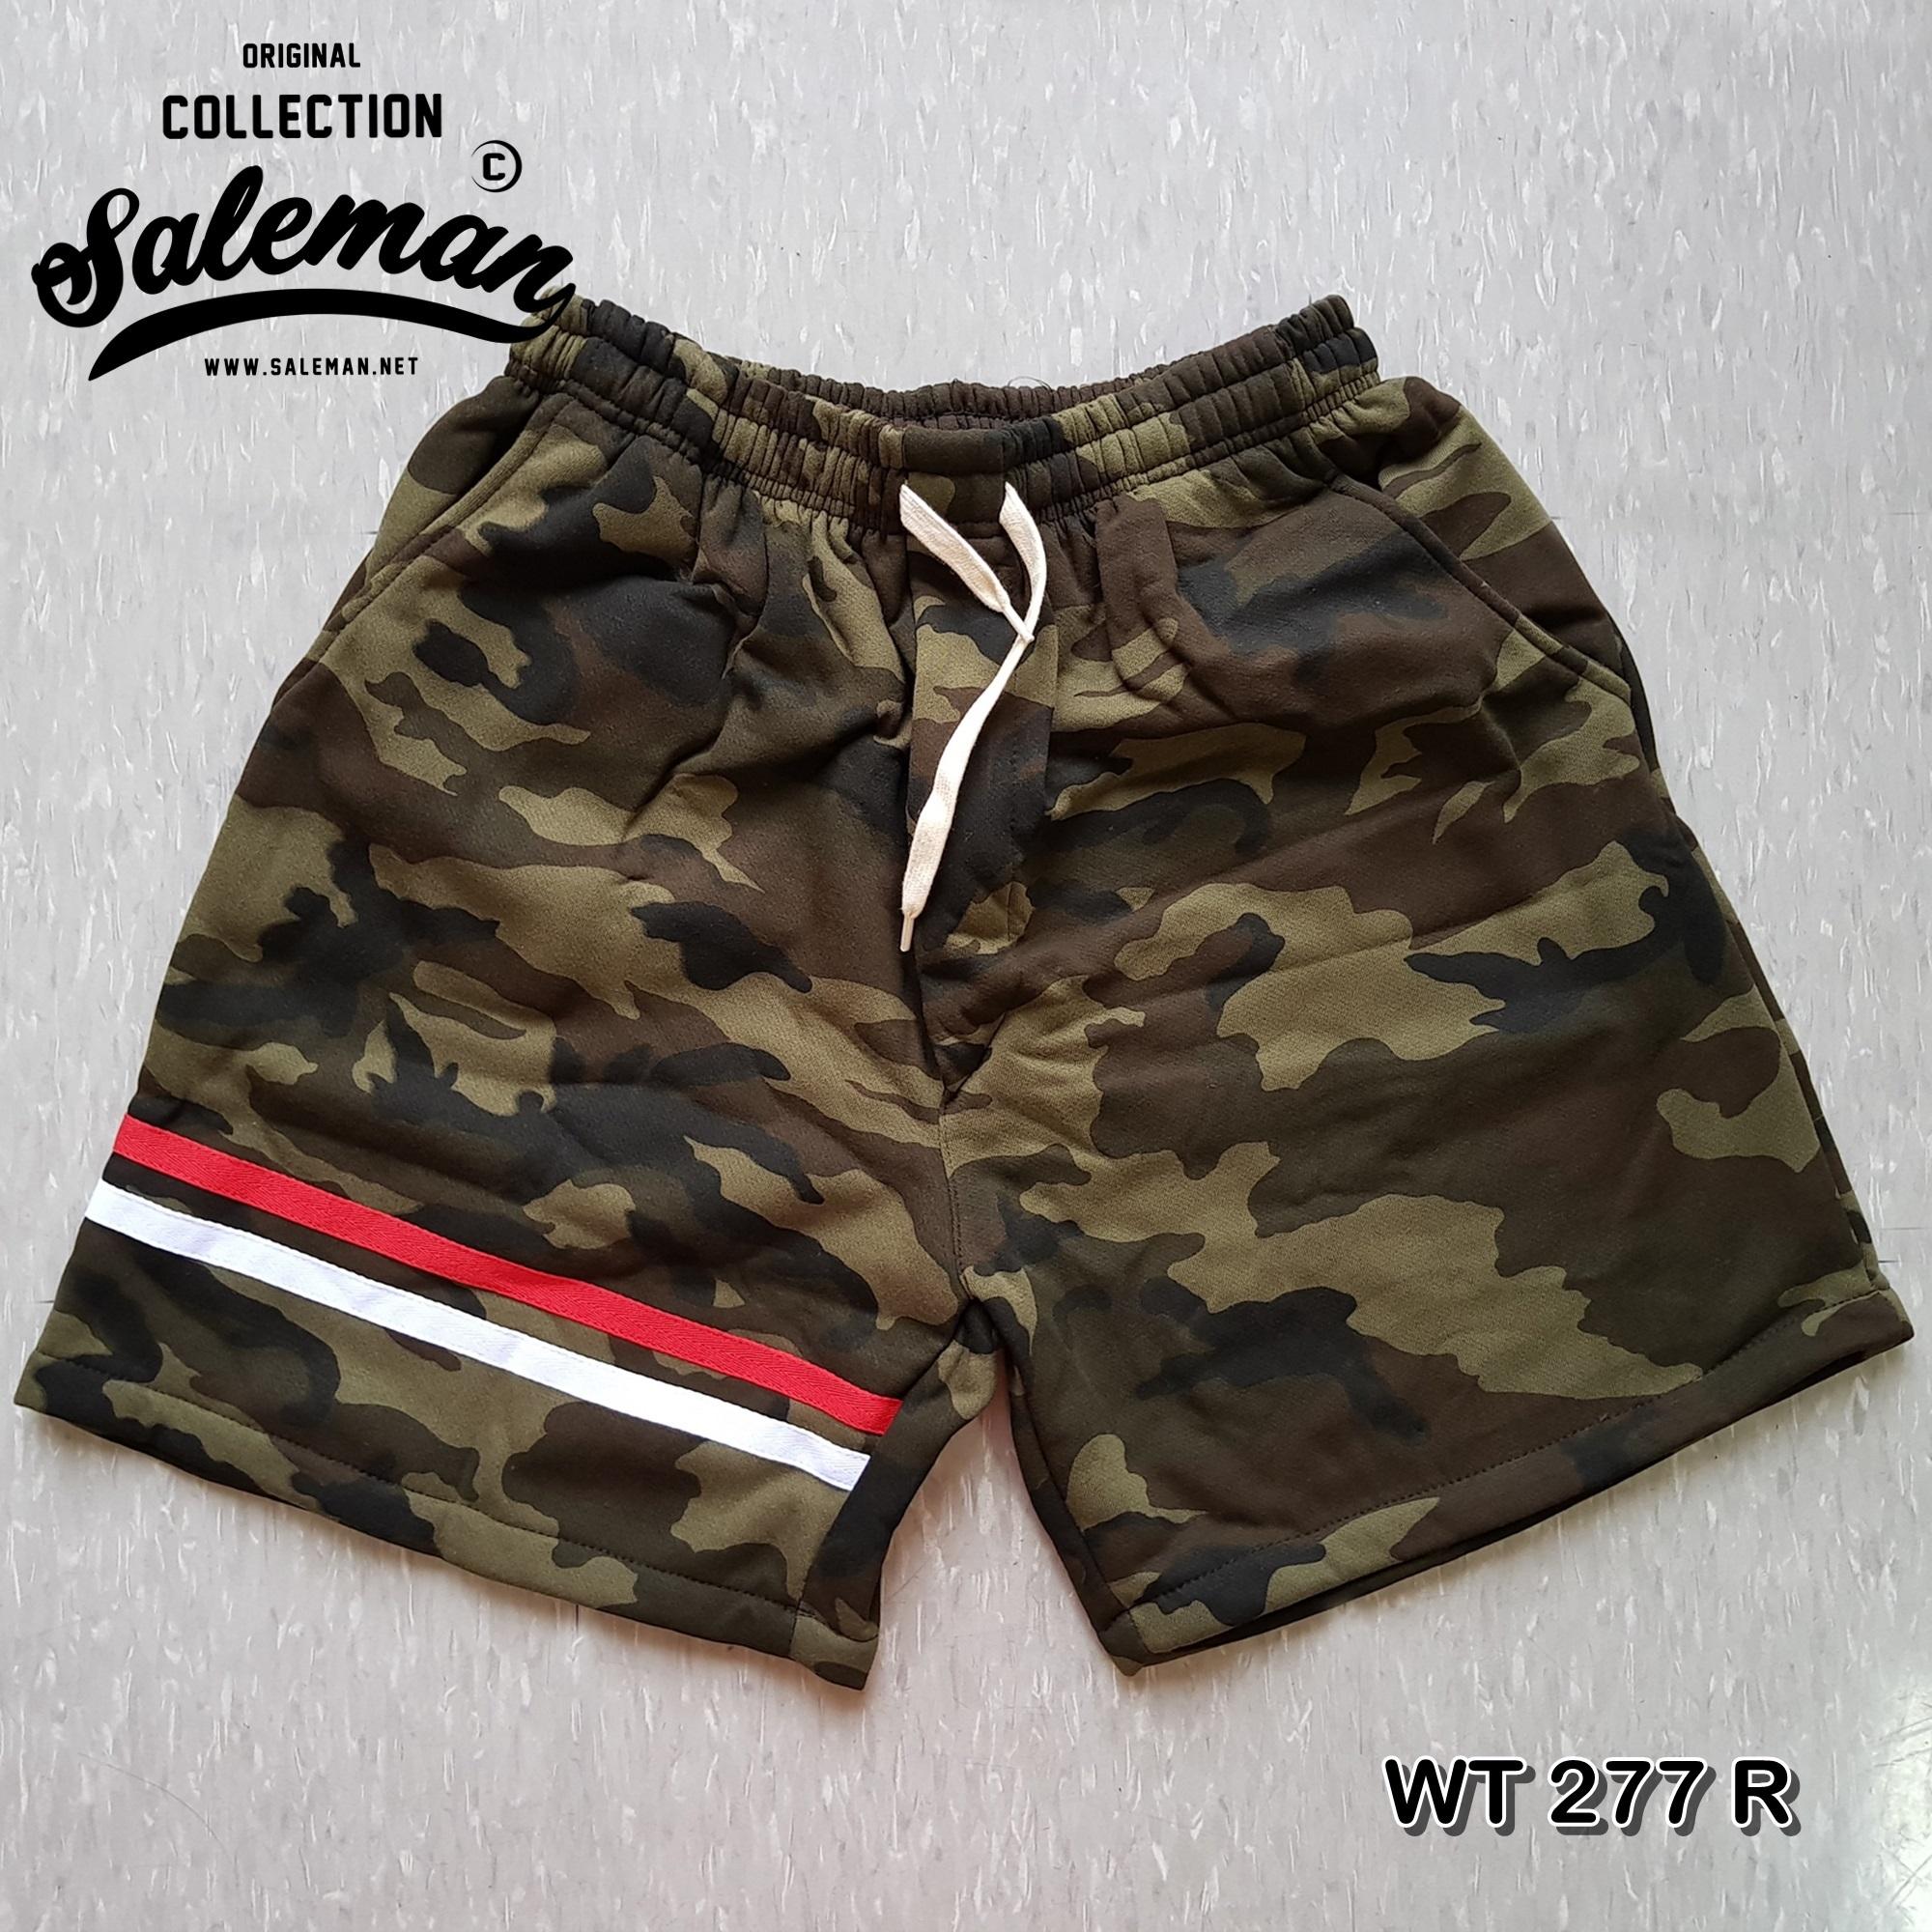 กางเกงขาสั้น พรีเมี่ยม ผ้าวอร์ม รหัส WT 277 R สีทหาร แถบ แดง